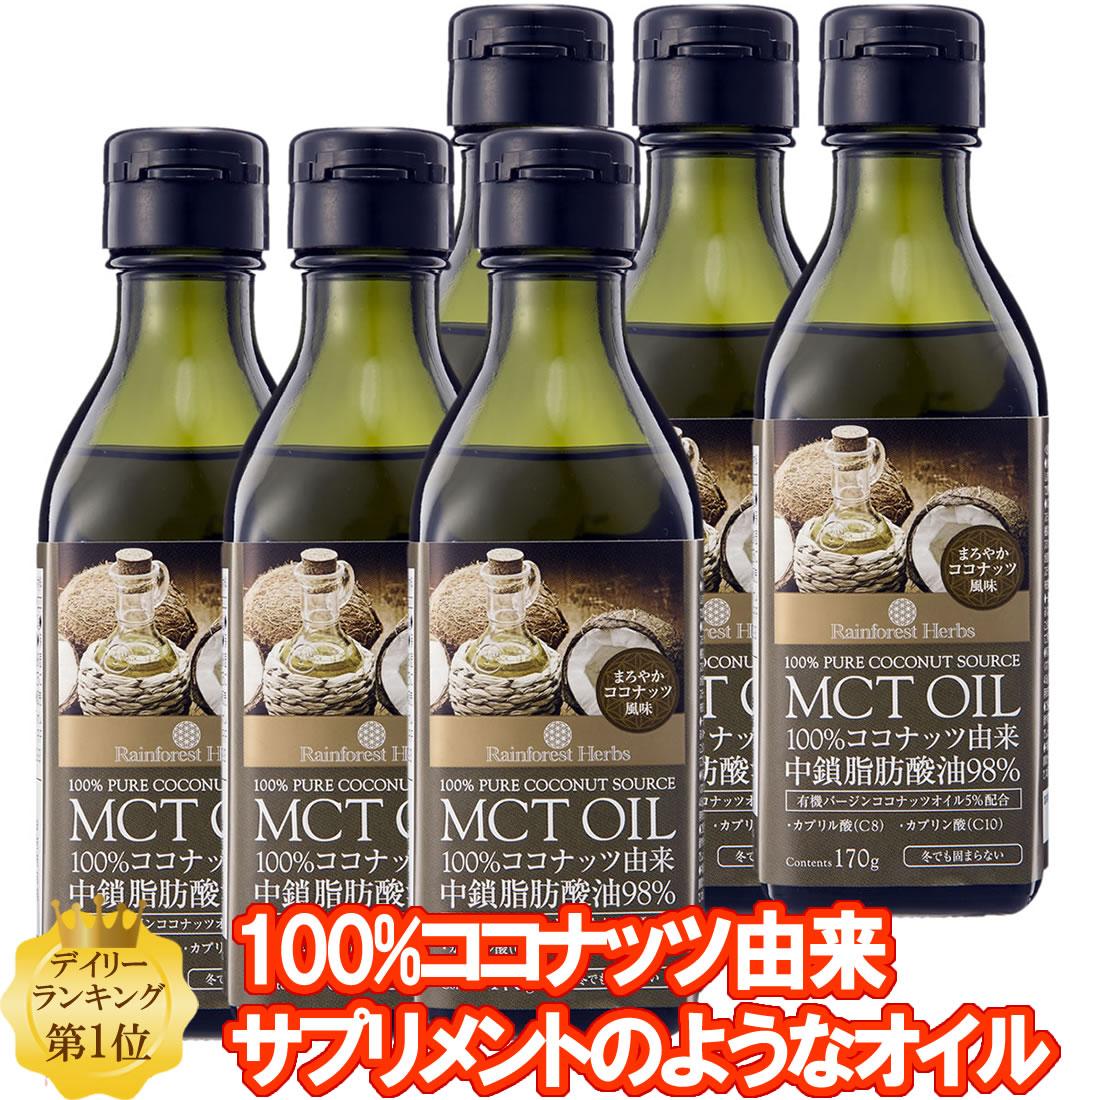 日本で充填 中鎖脂肪酸のみを抽出したサプリメントの様な高機能オイルココナッツ風味 MCTオイルダイエット 完全無欠コーヒー MCTオイル ココナッツ由来100% OUTLET SALE 170g 6本 中鎖脂肪酸 MCT ケトン体 タイ産 オイル バターコーヒー 糖質制限 トラスト ダイエット